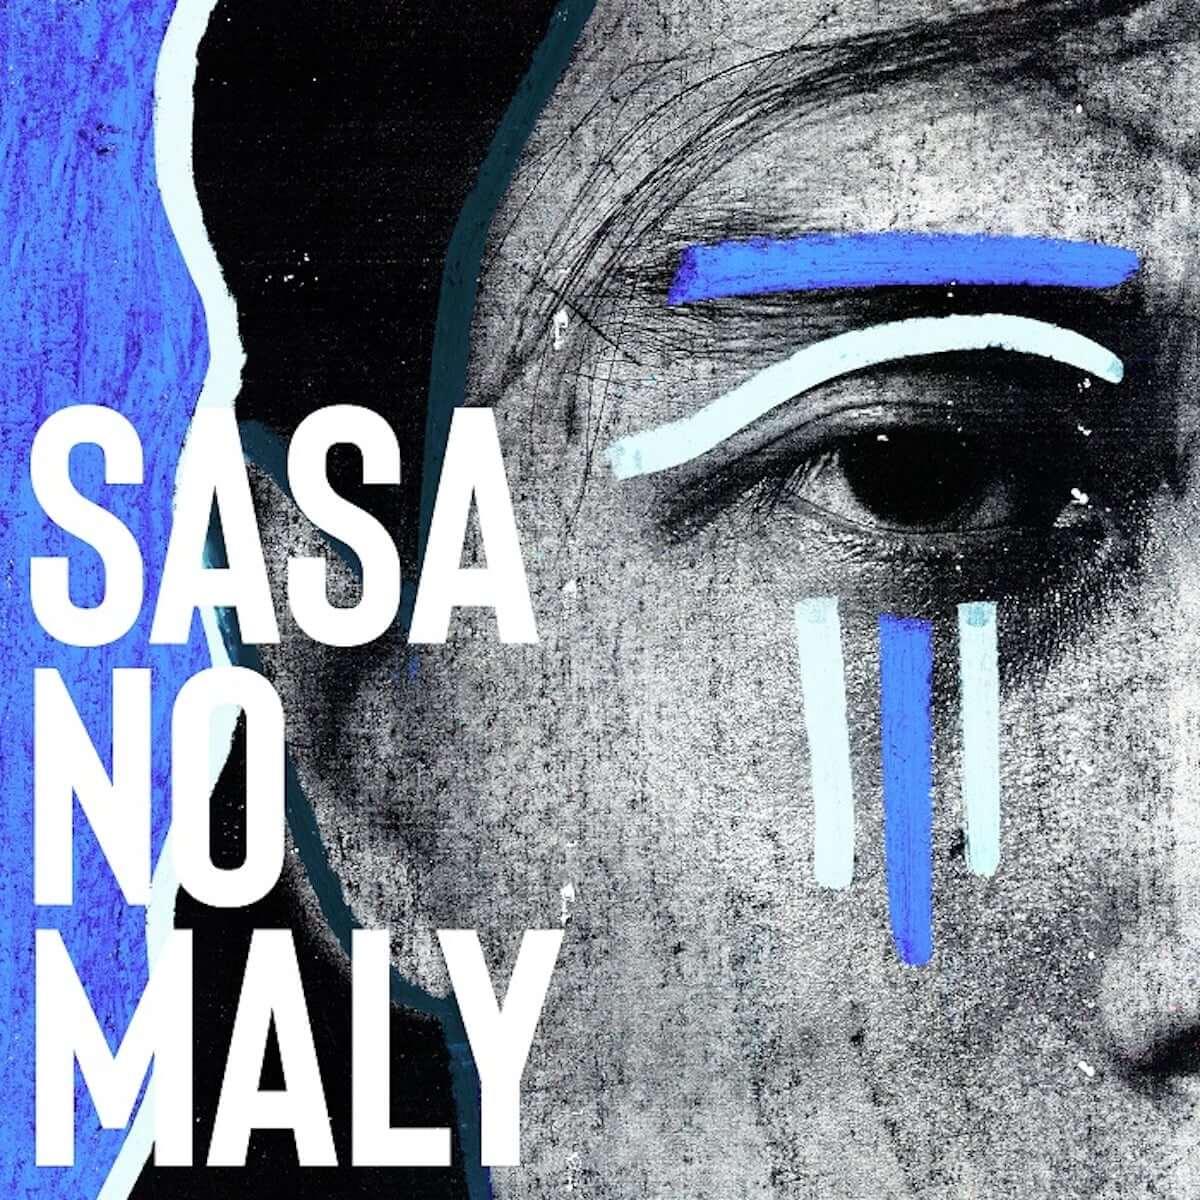 Sasanomaly 1年5か月振り新曲「MUIMI」リリース。UKで活躍するアーティストJoe Cruz が手がけたアートワーク&MV公開! music181115_sasanomaly_2-1200x1200